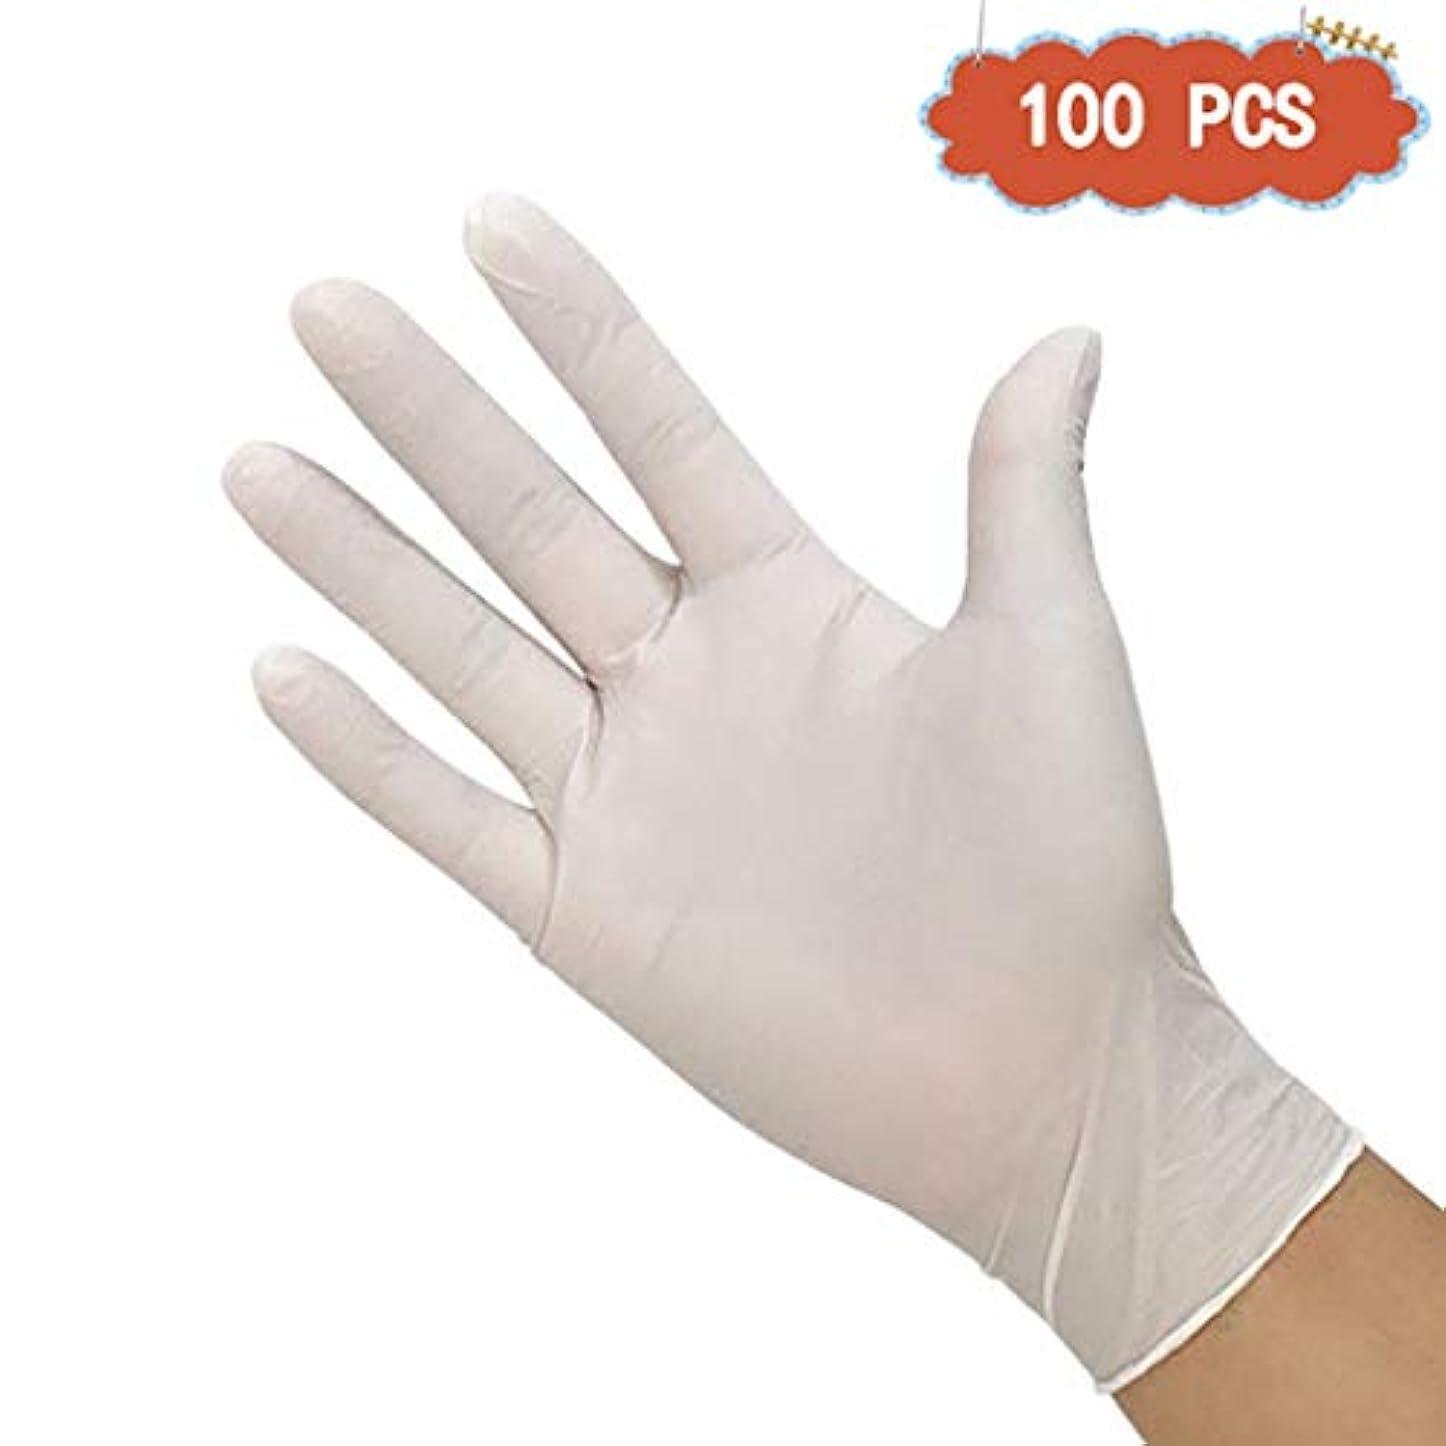 欺く大事にするまでニトリルホームクリーニングと酸とアルカリ使い捨て手袋ペットケアネイルアート検査保護実験、ビューティーサロンラテックスフリー、パウダーフリー、両手利き、100個 (Size : M)